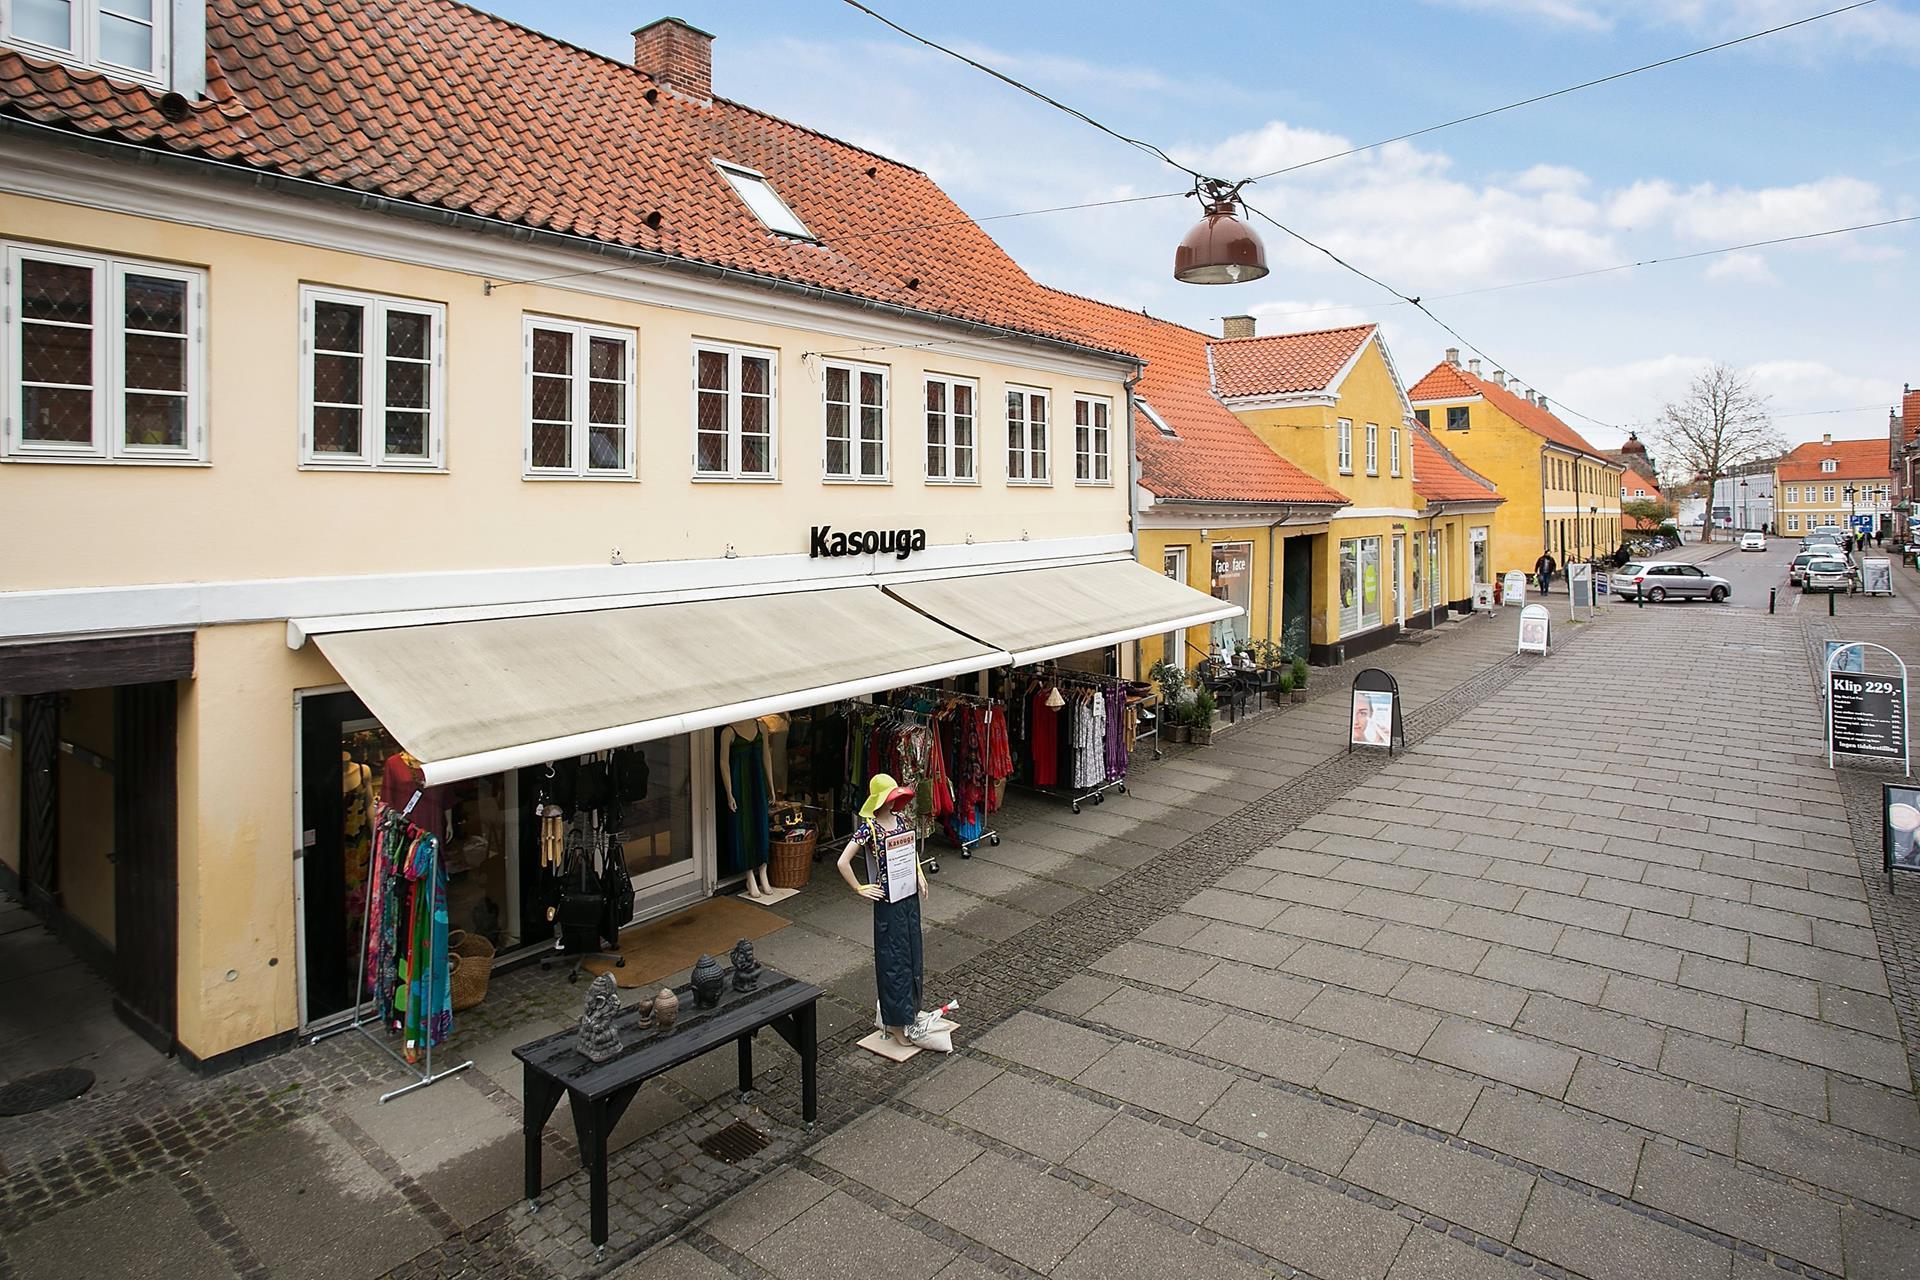 Bolig/erhverv på Nørregade i Køge - Andet